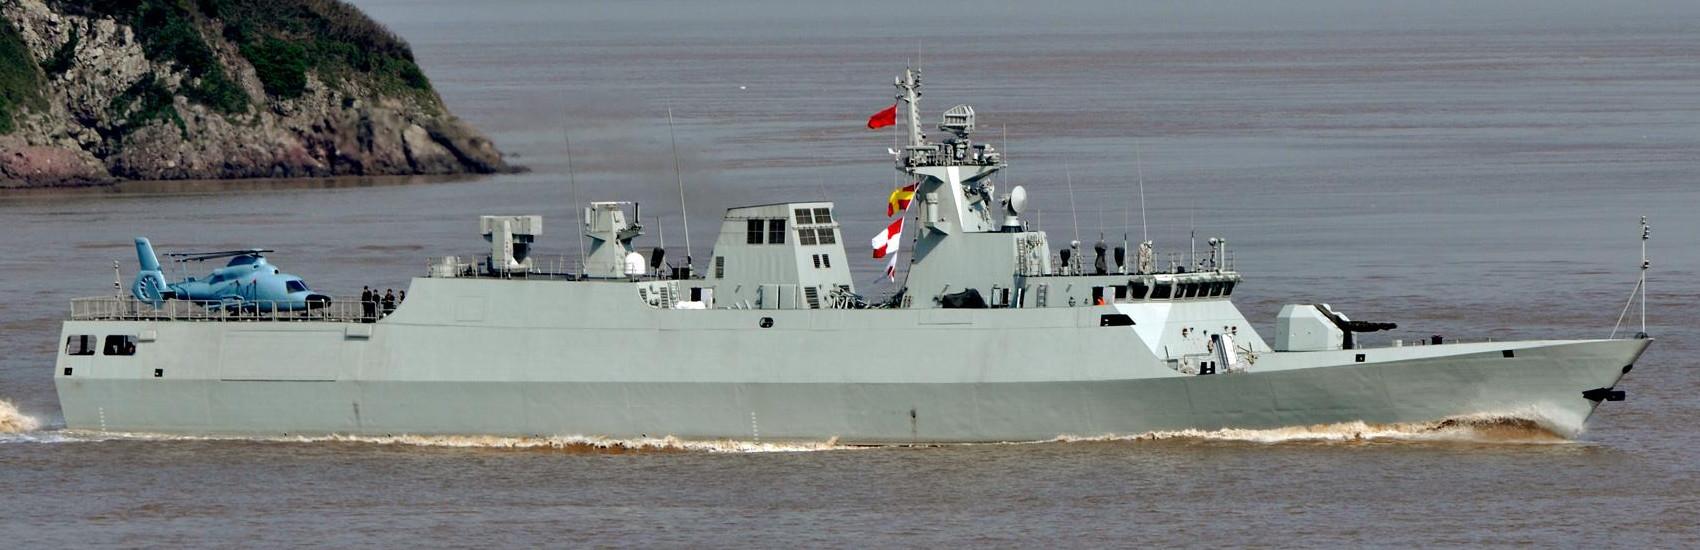 البحرية المصرية....السيناريو الشرقي!!! Type_056_corvette_%EF%BC%9F